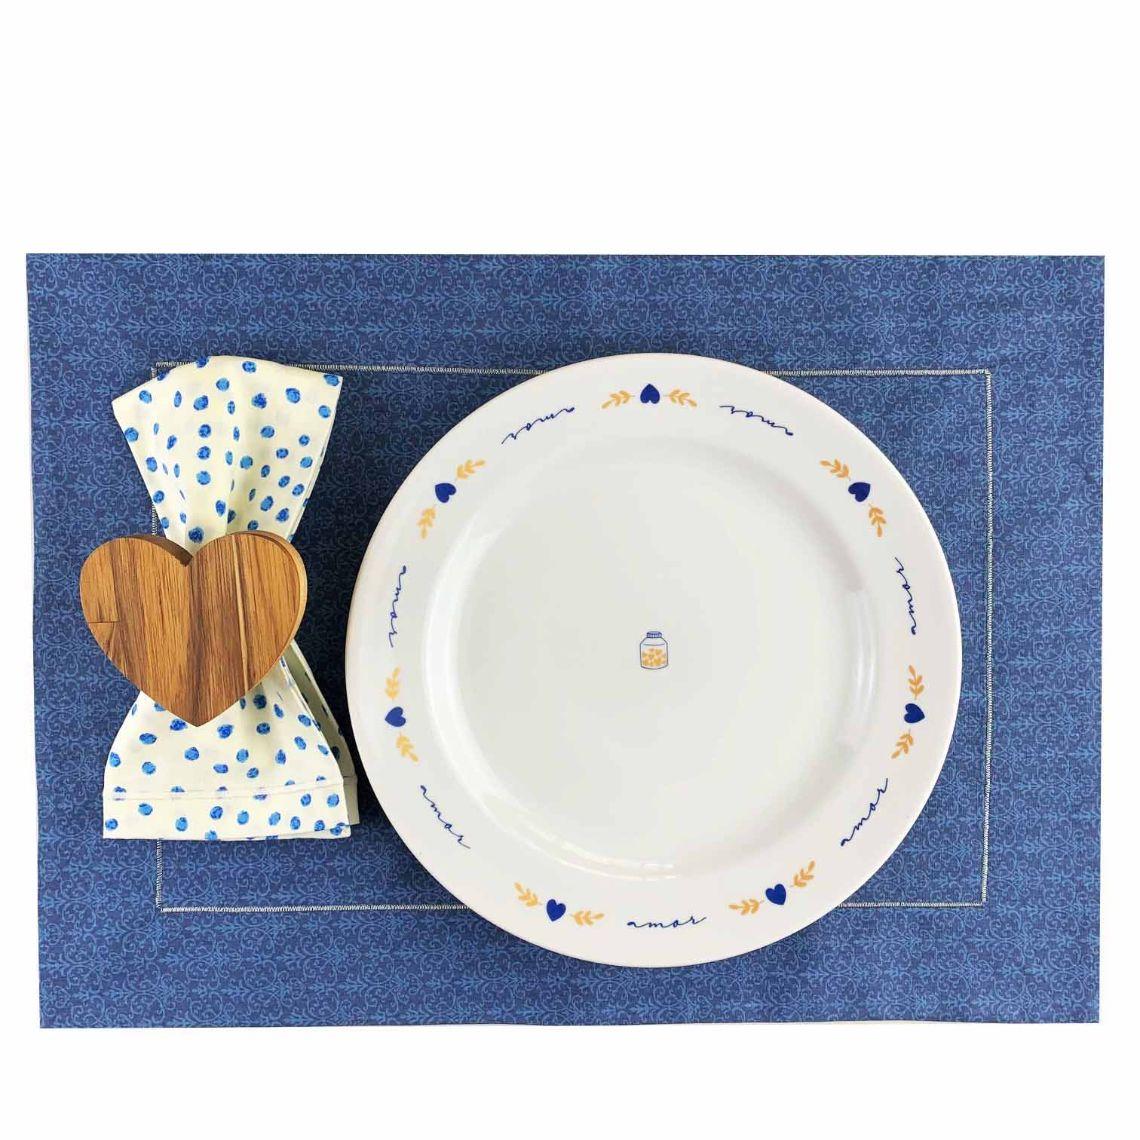 Box p/jantar ou almoço Azul poá c/ 8 peças, louças em porcelana, coleção exclusiva Poções de Amor